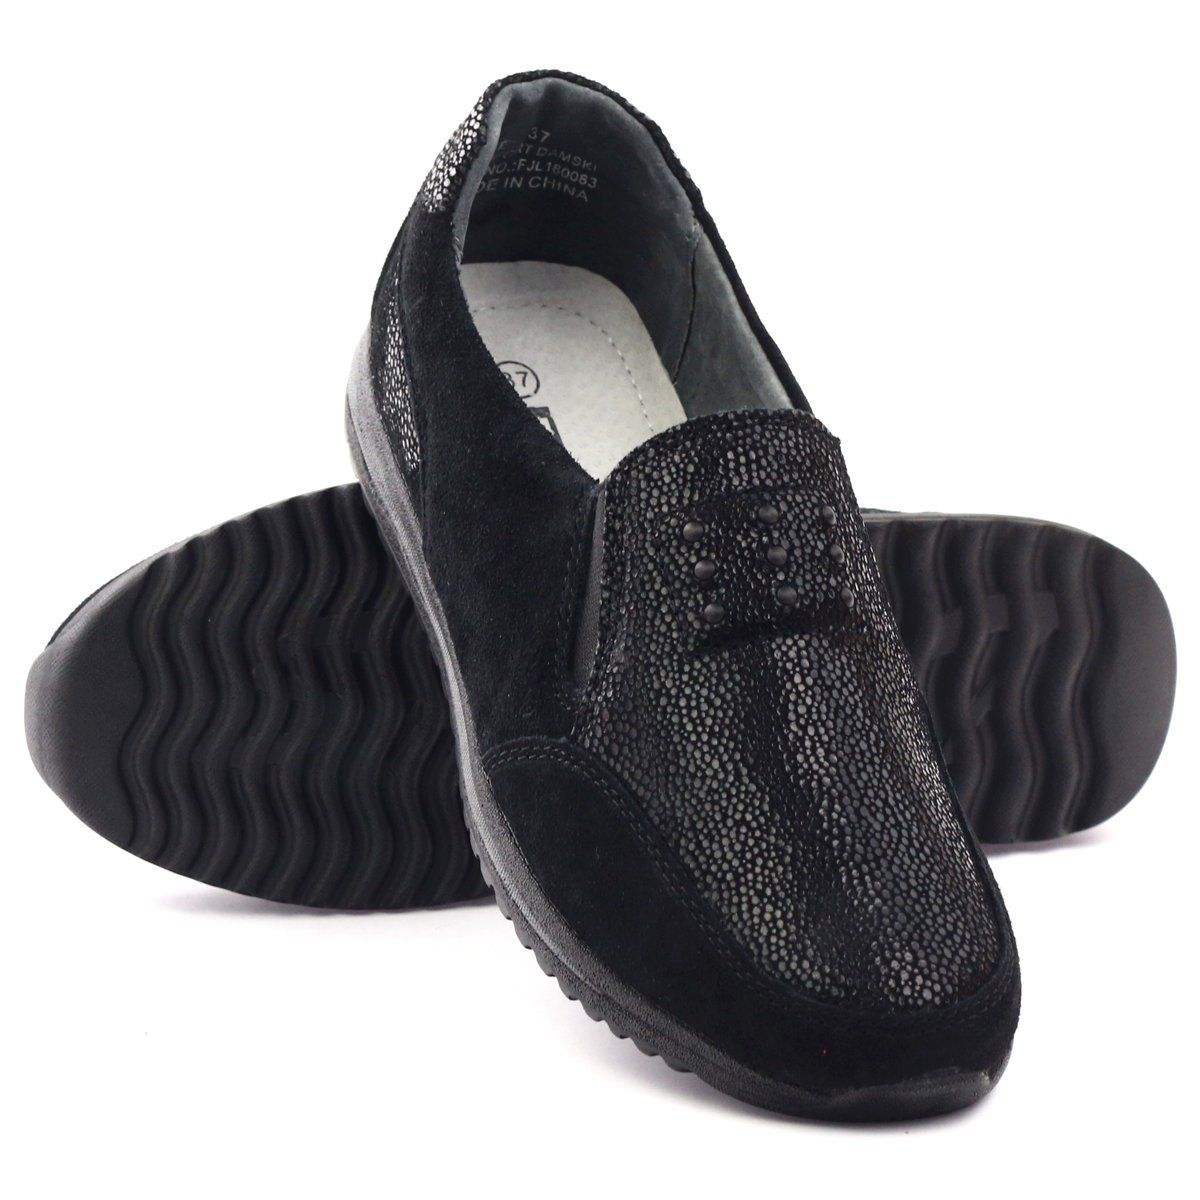 Sportowe Damskie Dk Sportowe Damskie Wsuwane Skora Dk Czarne Dress Shoes Men Loafers Men Oxford Shoes